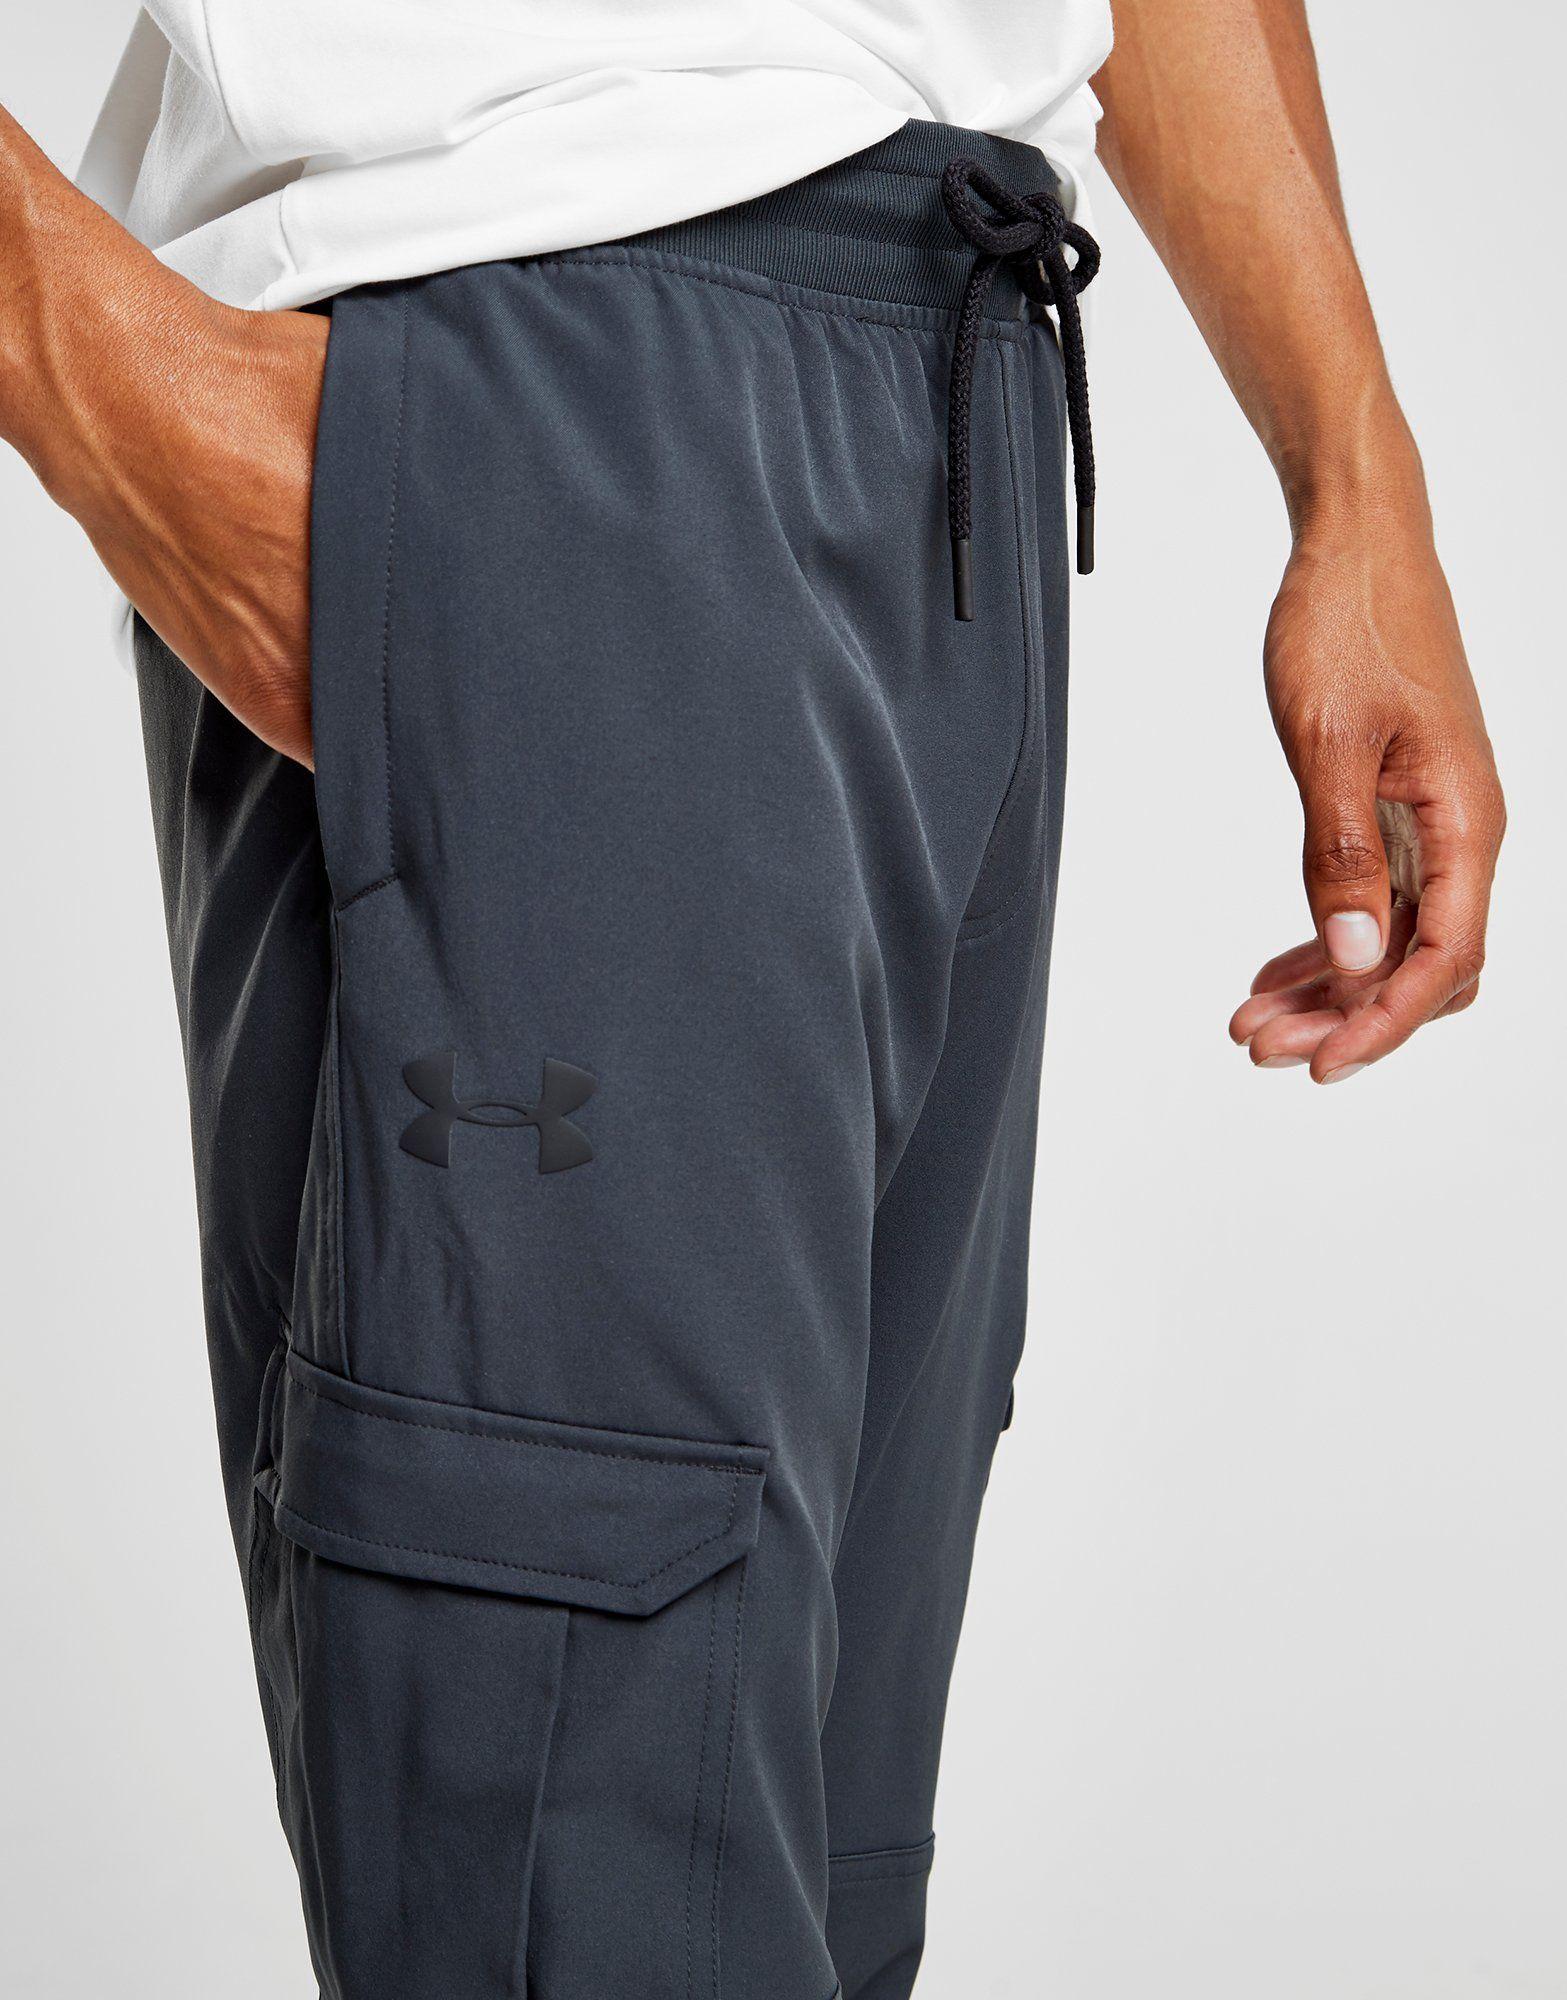 Under Armour WG Cargo Pants Schwarz Shop Günstigen Preis Günstig Kauft Heißen Verkauf Perfekt Günstig Kaufen Besten Verkauf 0IiB2rhowv